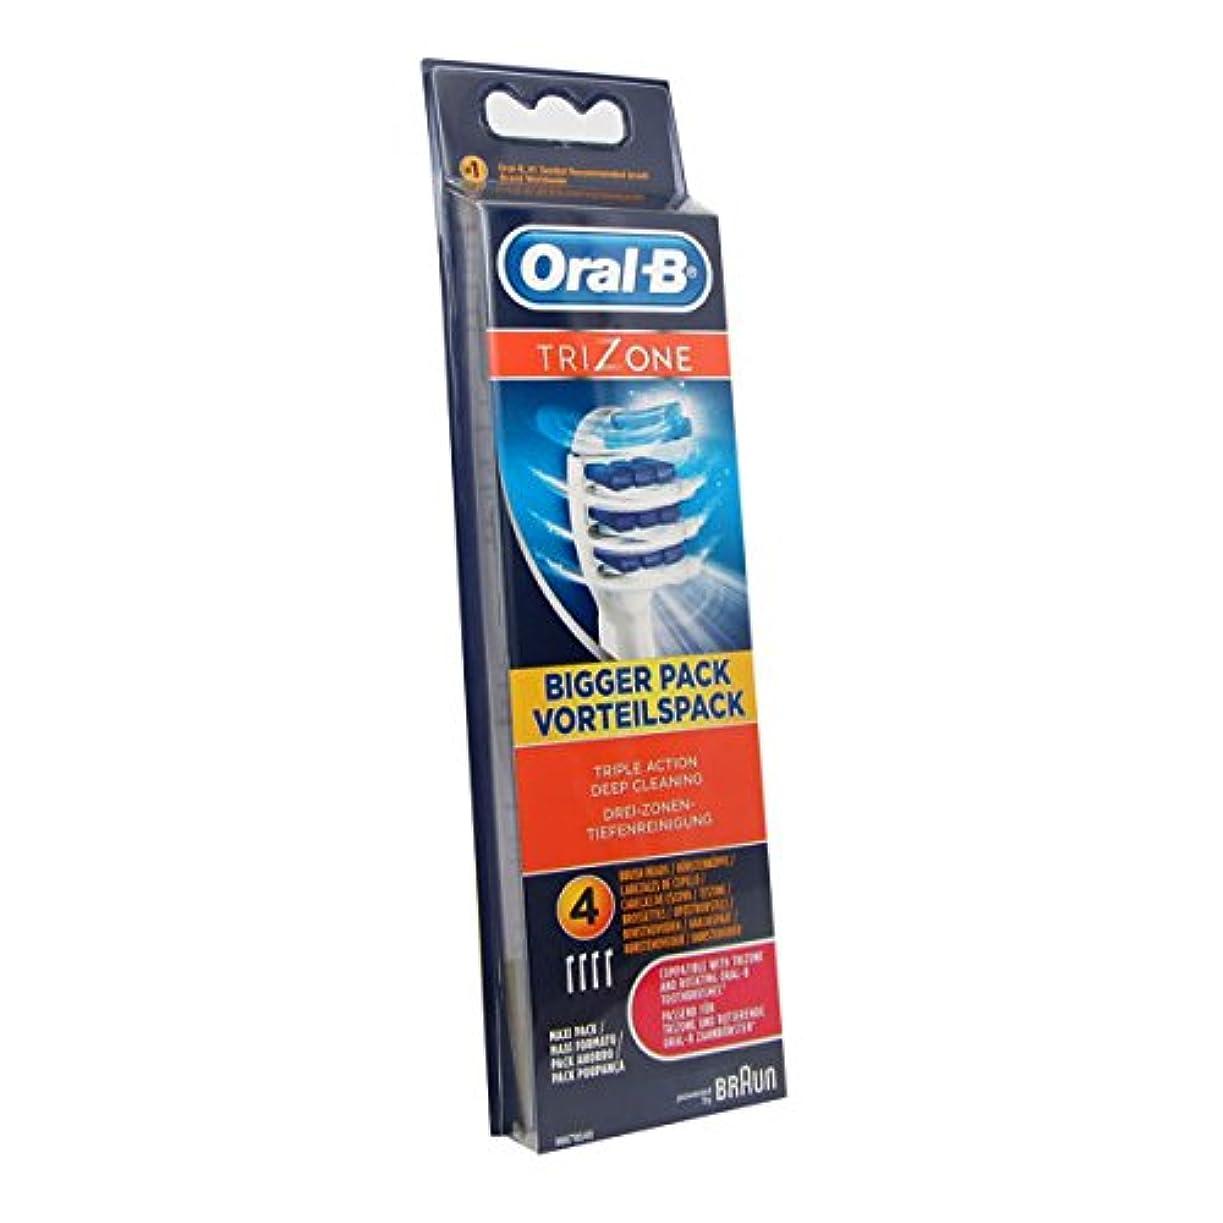 目指す省略気楽なOral B Trizone Replacement Brush X4 [並行輸入品]